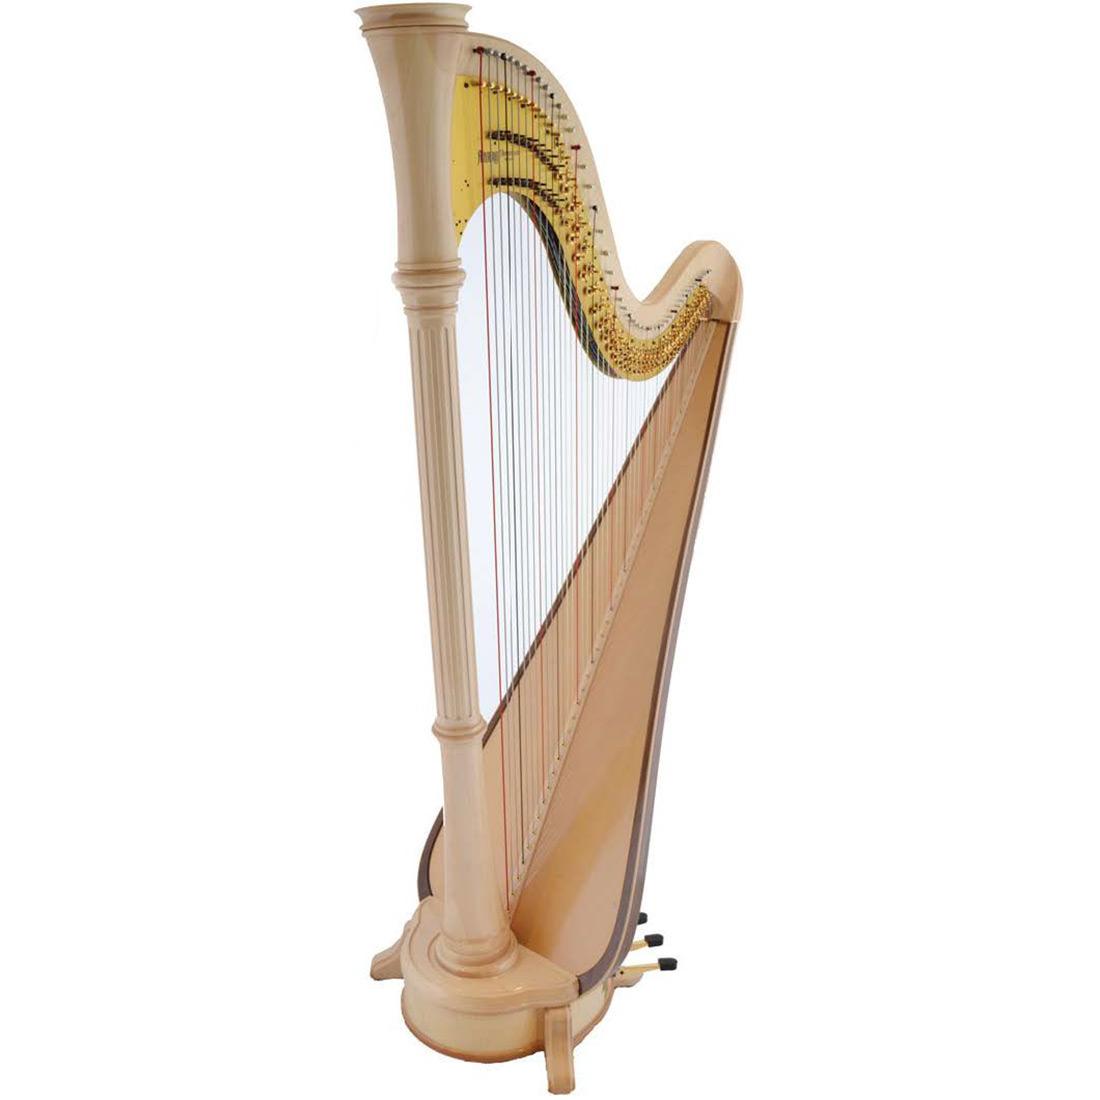 Orpheus 47 concertharp - Aoyama